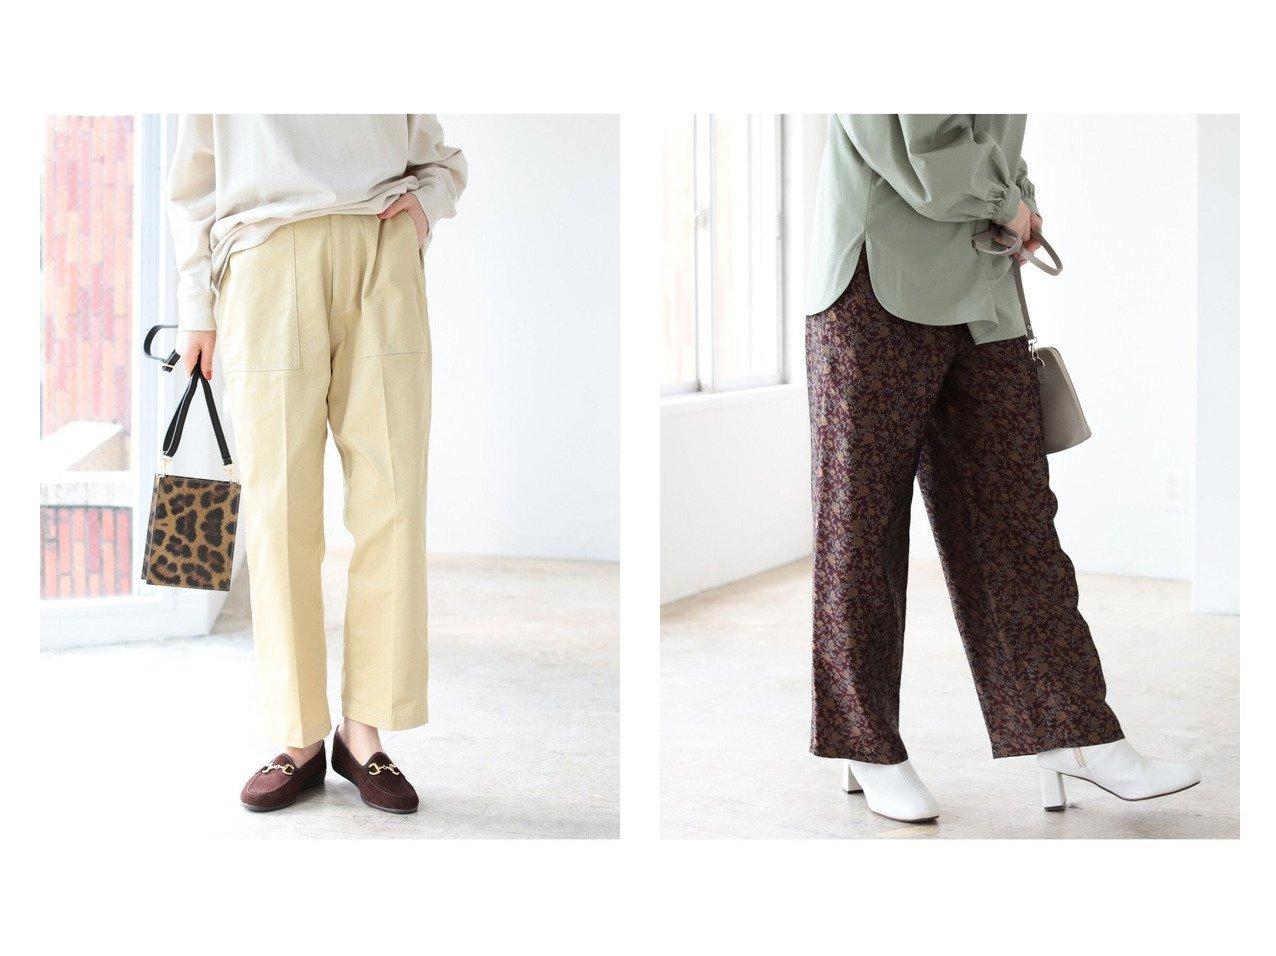 【B:MING by BEAMS/ビーミング by ビームス】の別注 ベイカーパンツ 21AW&ジャガード パンツ 21AW 別注・限定・コラボなど、おすすめ!人気、トレンド・レディースファッションの通販 おすすめで人気の流行・トレンド、ファッションの通販商品 インテリア・家具・メンズファッション・キッズファッション・レディースファッション・服の通販 founy(ファニー) https://founy.com/ ファッション Fashion レディースファッション WOMEN パンツ Pants オレンジ シンプル ジーンズ スペシャル センター トレンド 別注 ワイド ワーク A/W・秋冬 AW・Autumn/Winter・FW・Fall-Winter 2021年 2021 2021-2022秋冬・A/W AW・Autumn/Winter・FW・Fall-Winter・2021-2022 ストレート フラワー ペイズリー ポケット |ID:crp329100000060917